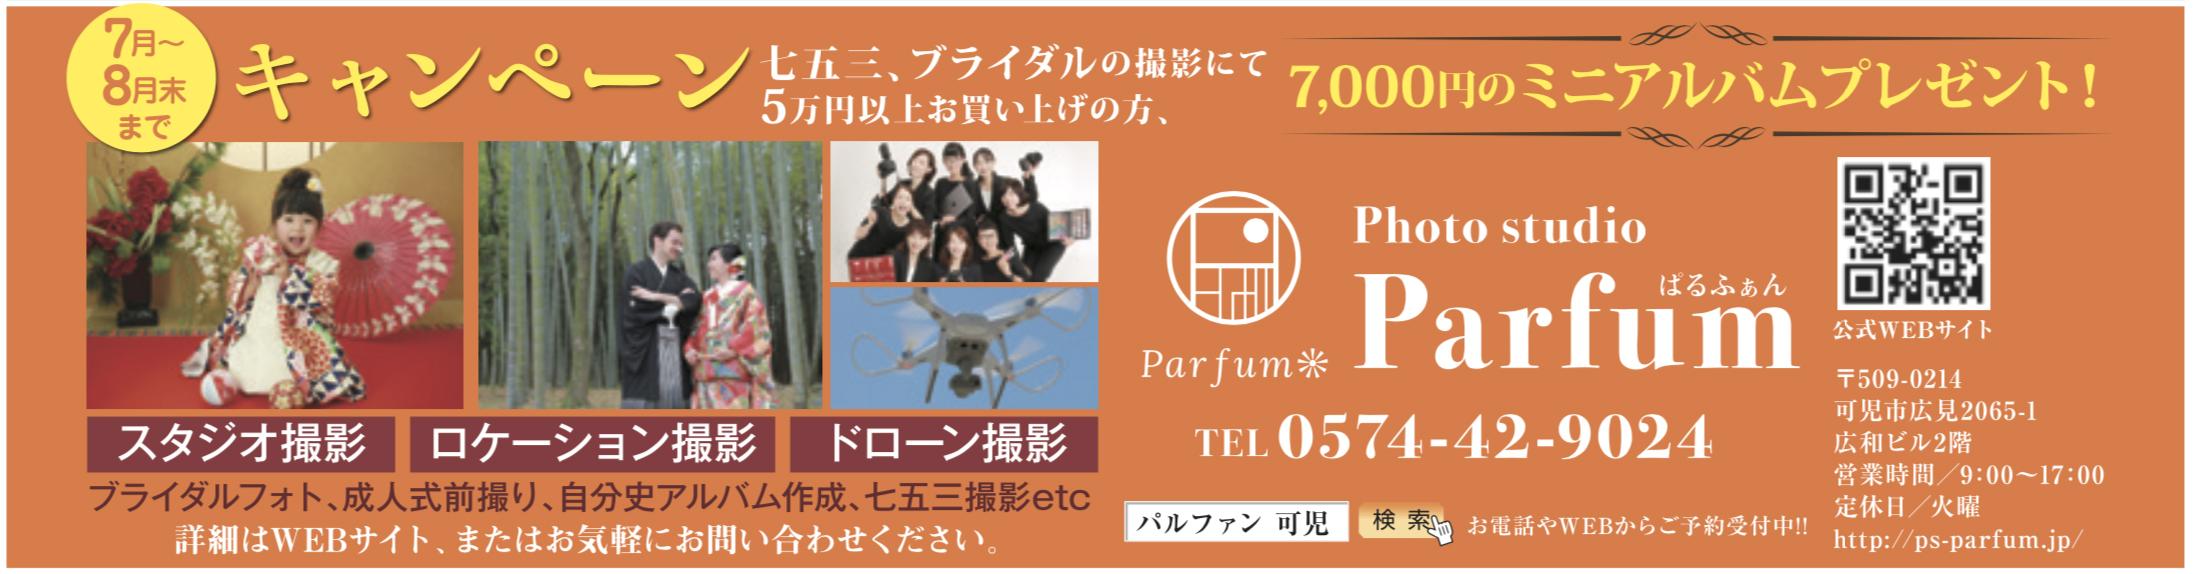 【キャンペーン】7月8月はブライダル・七五三撮影がお得!